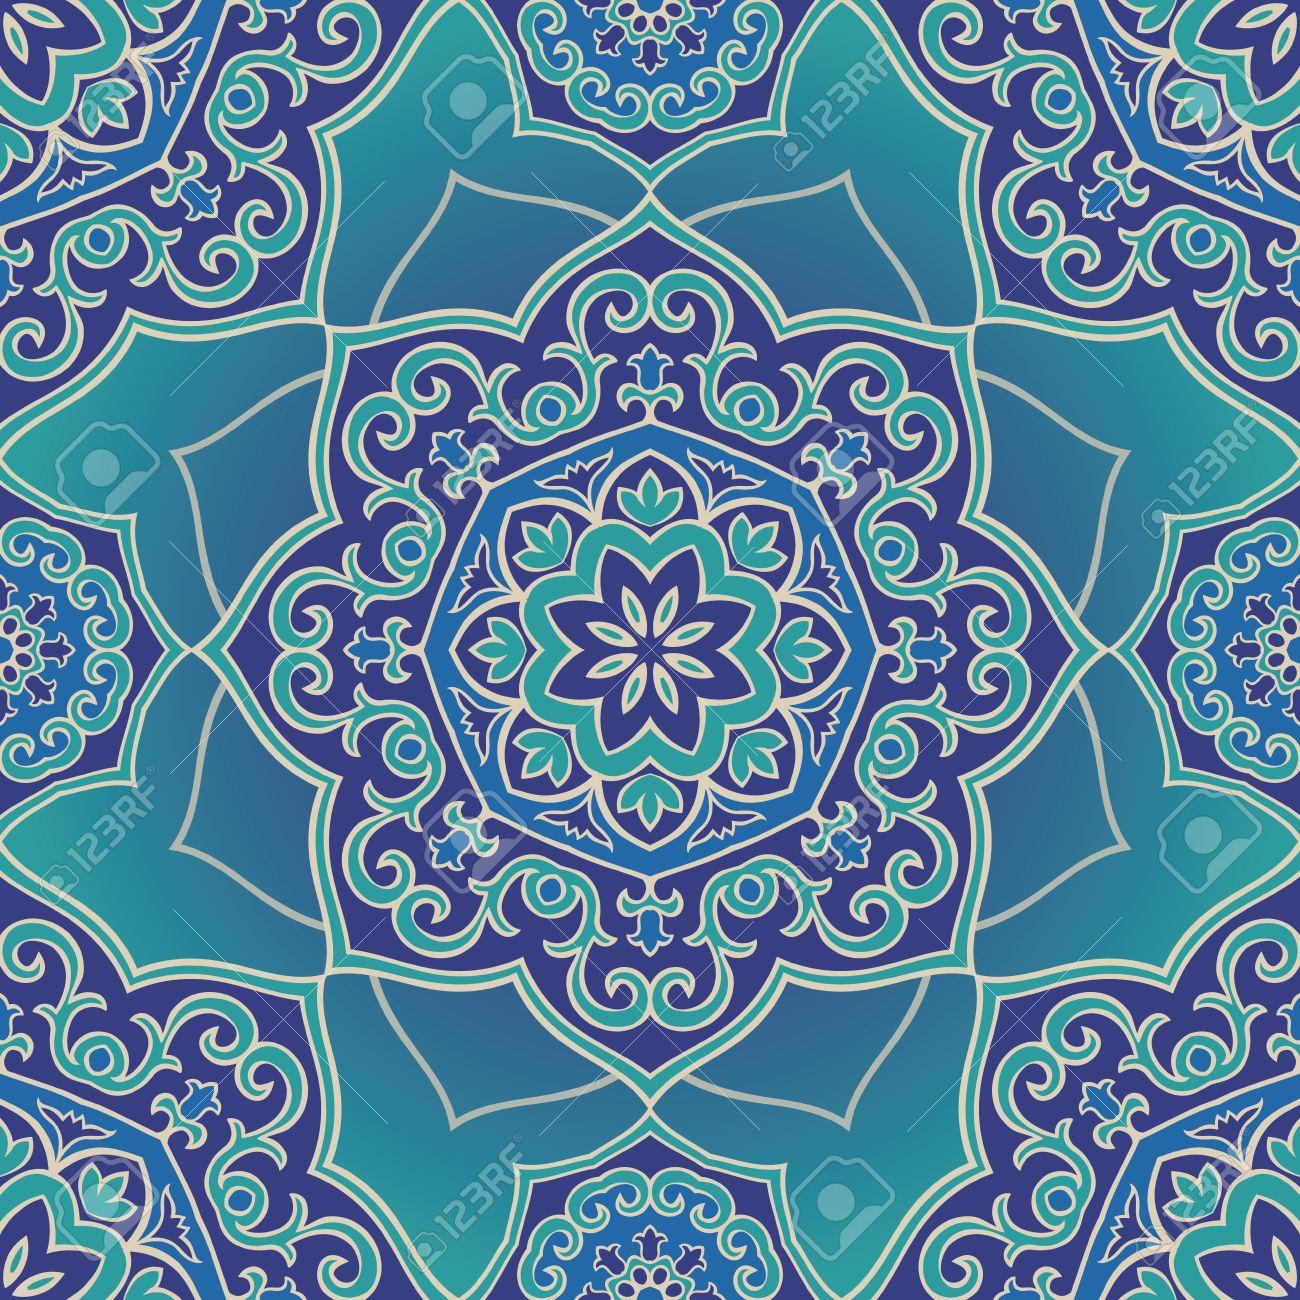 Bleu Ornement Colore De Mandala Sur Un Fond Bleu Clair Modele De